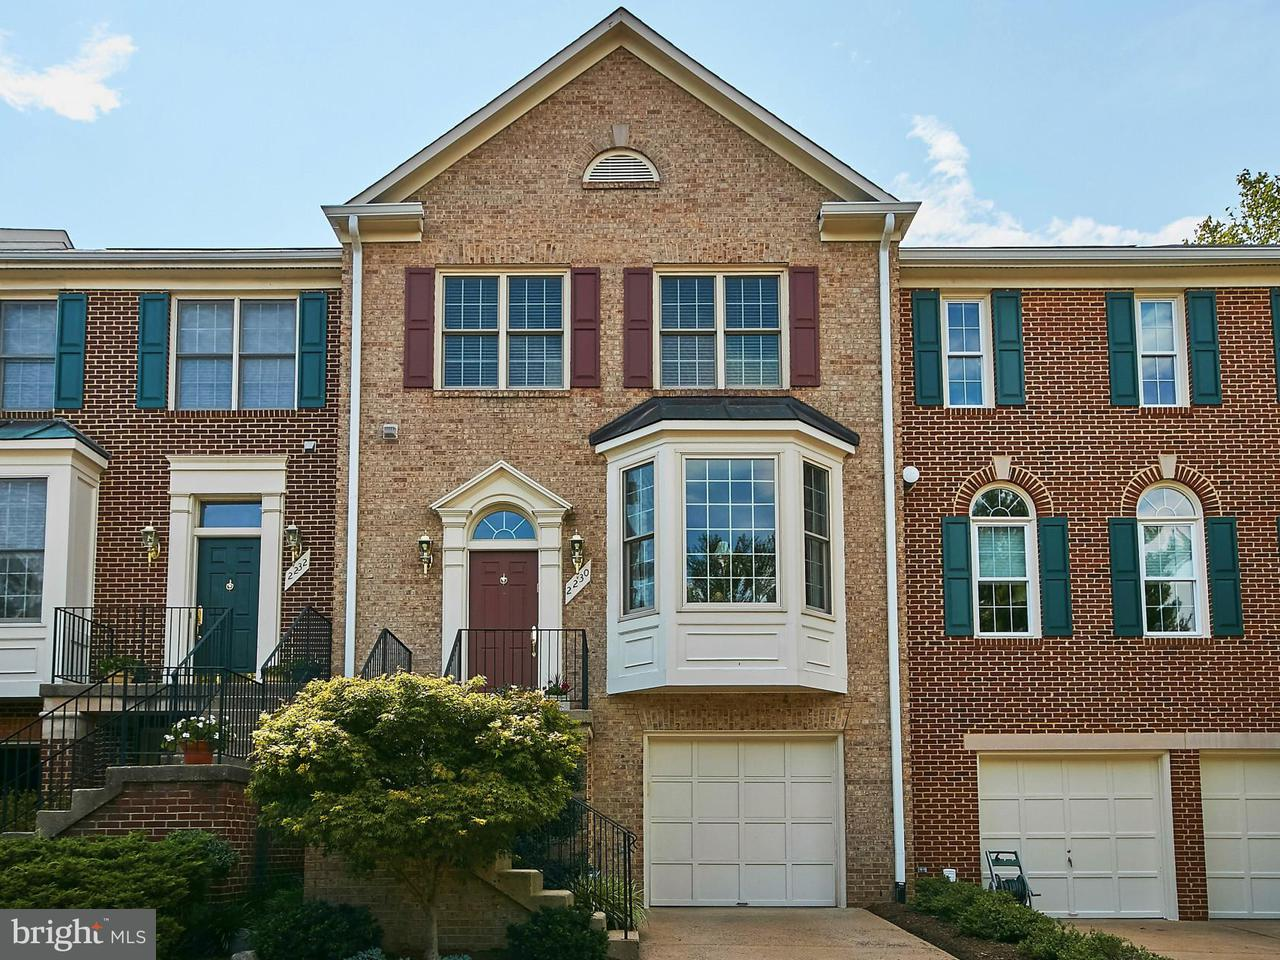 Stadthaus für Verkauf beim 2230 JOURNET Drive 2230 JOURNET Drive Dunn Loring, Virginia 22027 Vereinigte Staaten